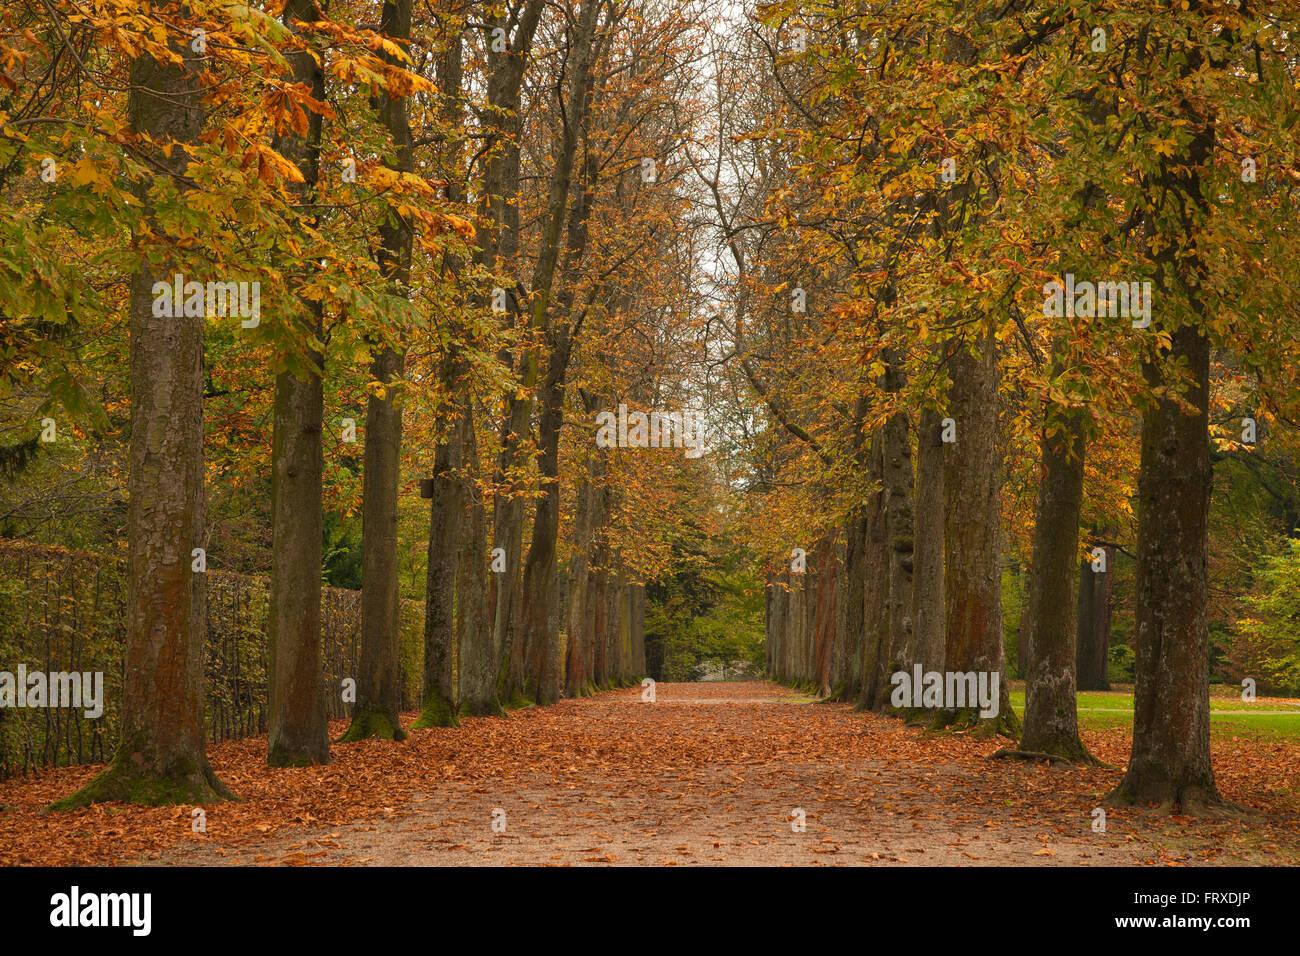 Chestnut alley, Schwetzingen palace gardens, Schwetzingen, Baden-Wuerttemberg, Germany - Stock Image